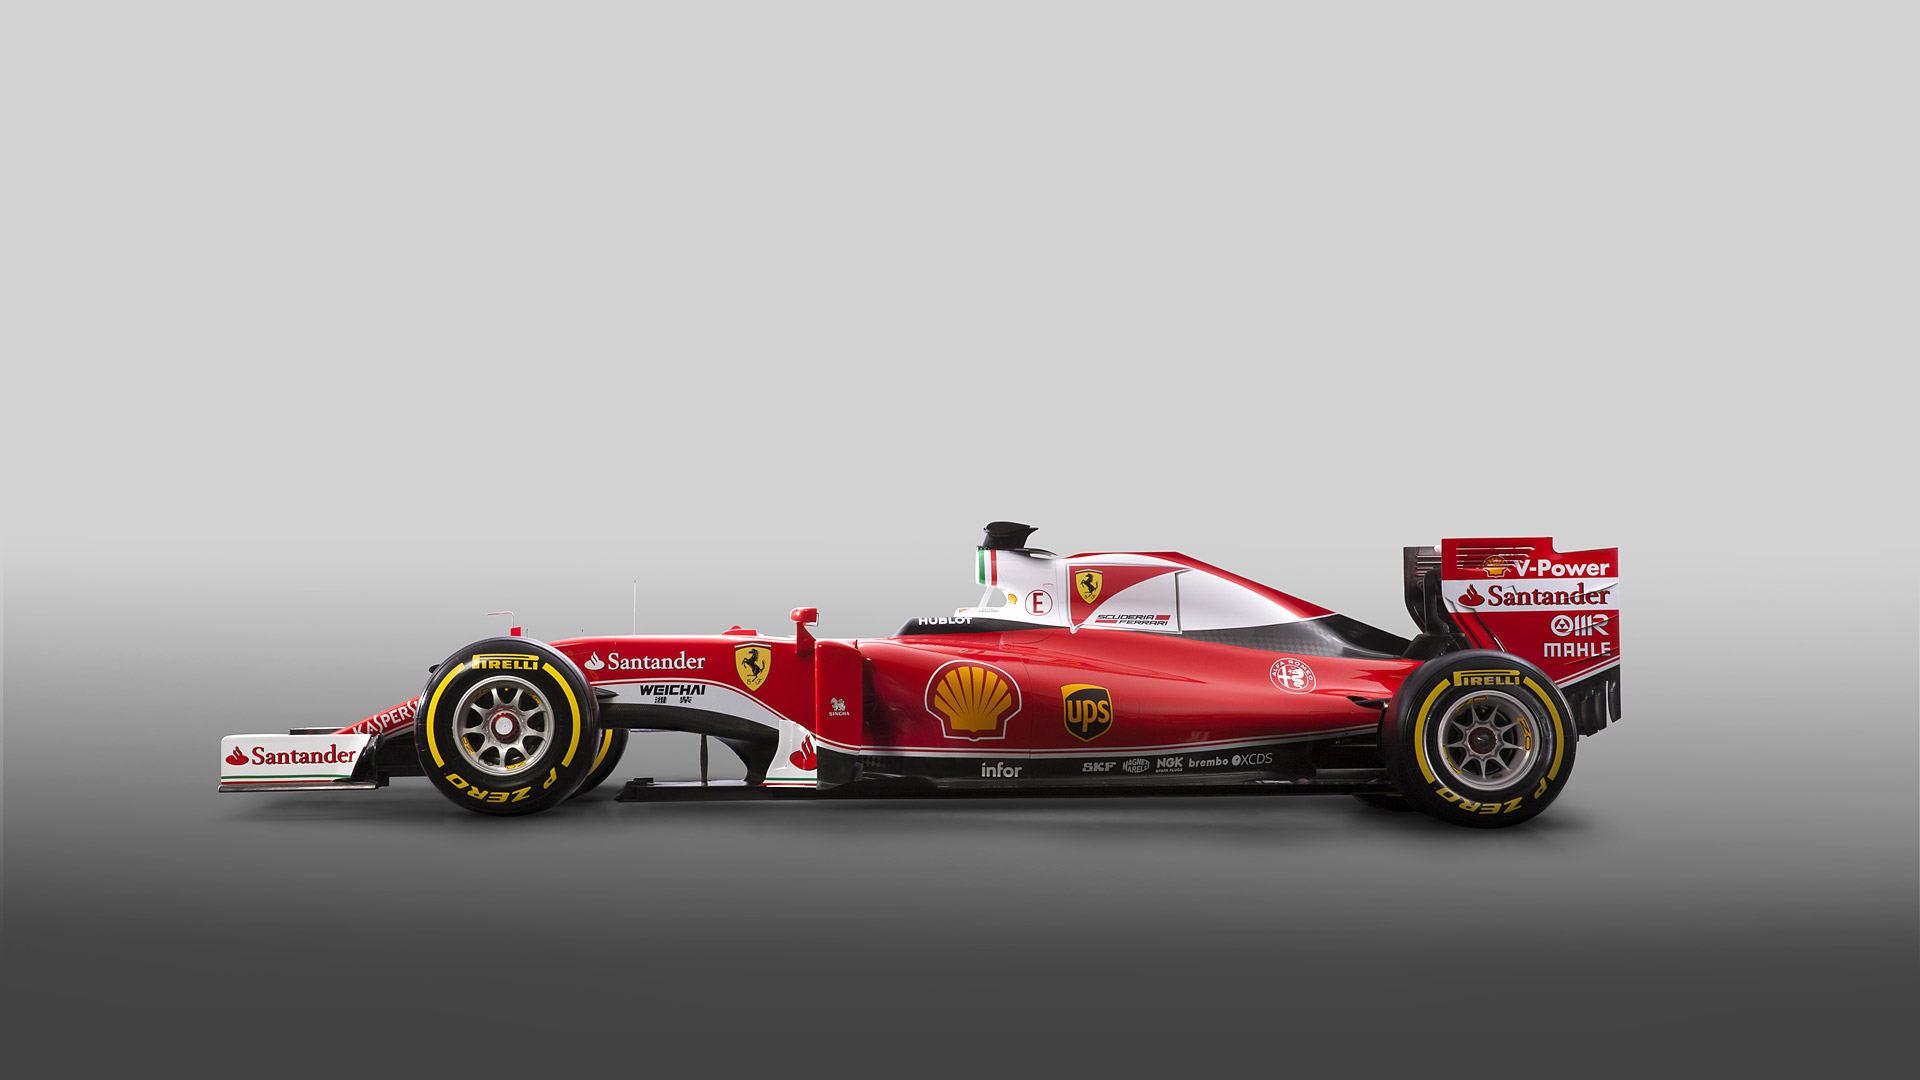 2016 Ferrari SF16-H